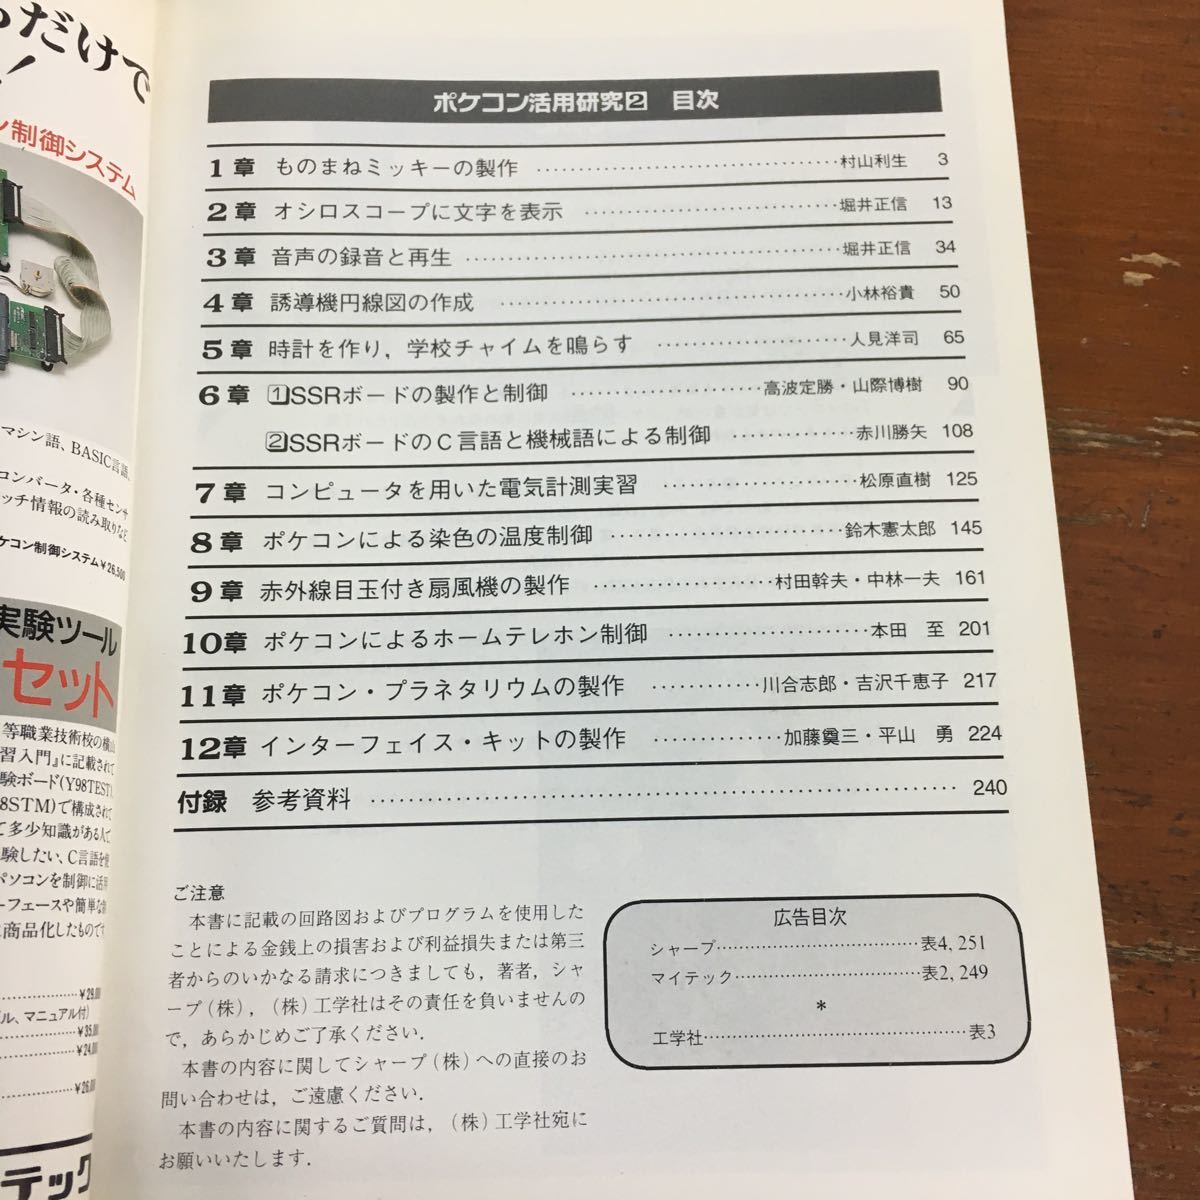 ポケットコンピュータ ポケコン 活用研究 2 工学社 1993年4月1日 初版_画像2